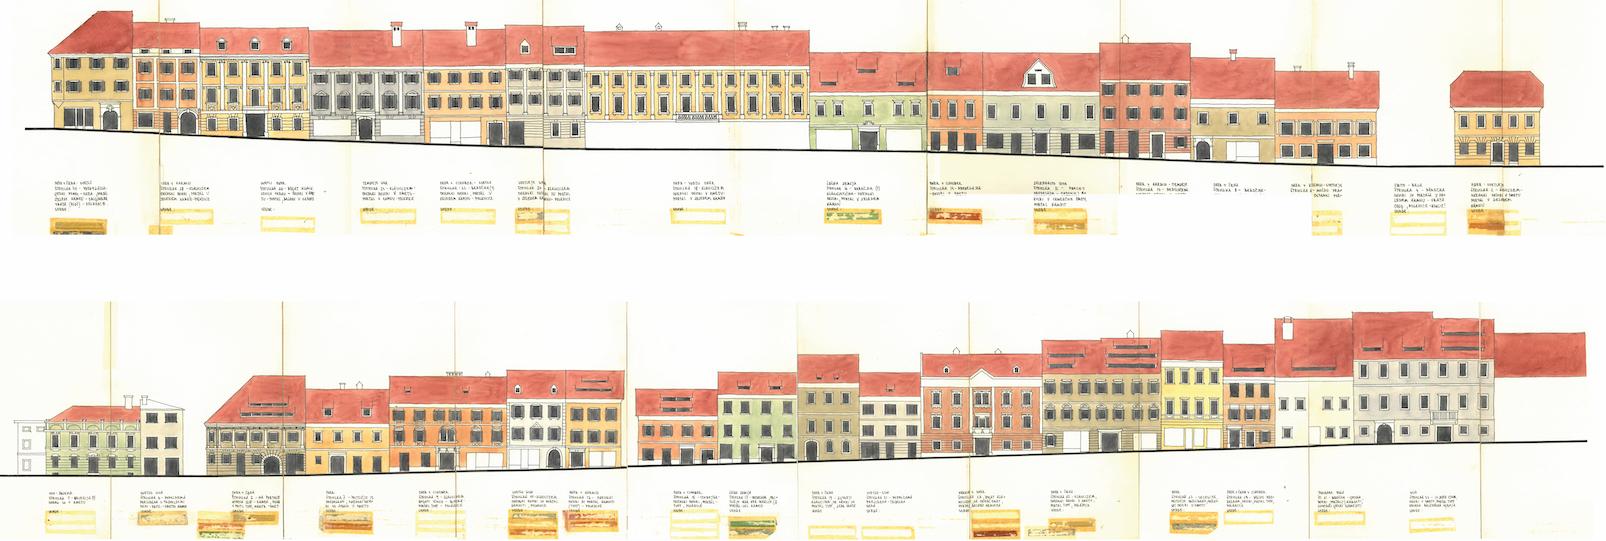 Peter Fister, barvna študija fasad Trga svobode v Tržiču, 1977